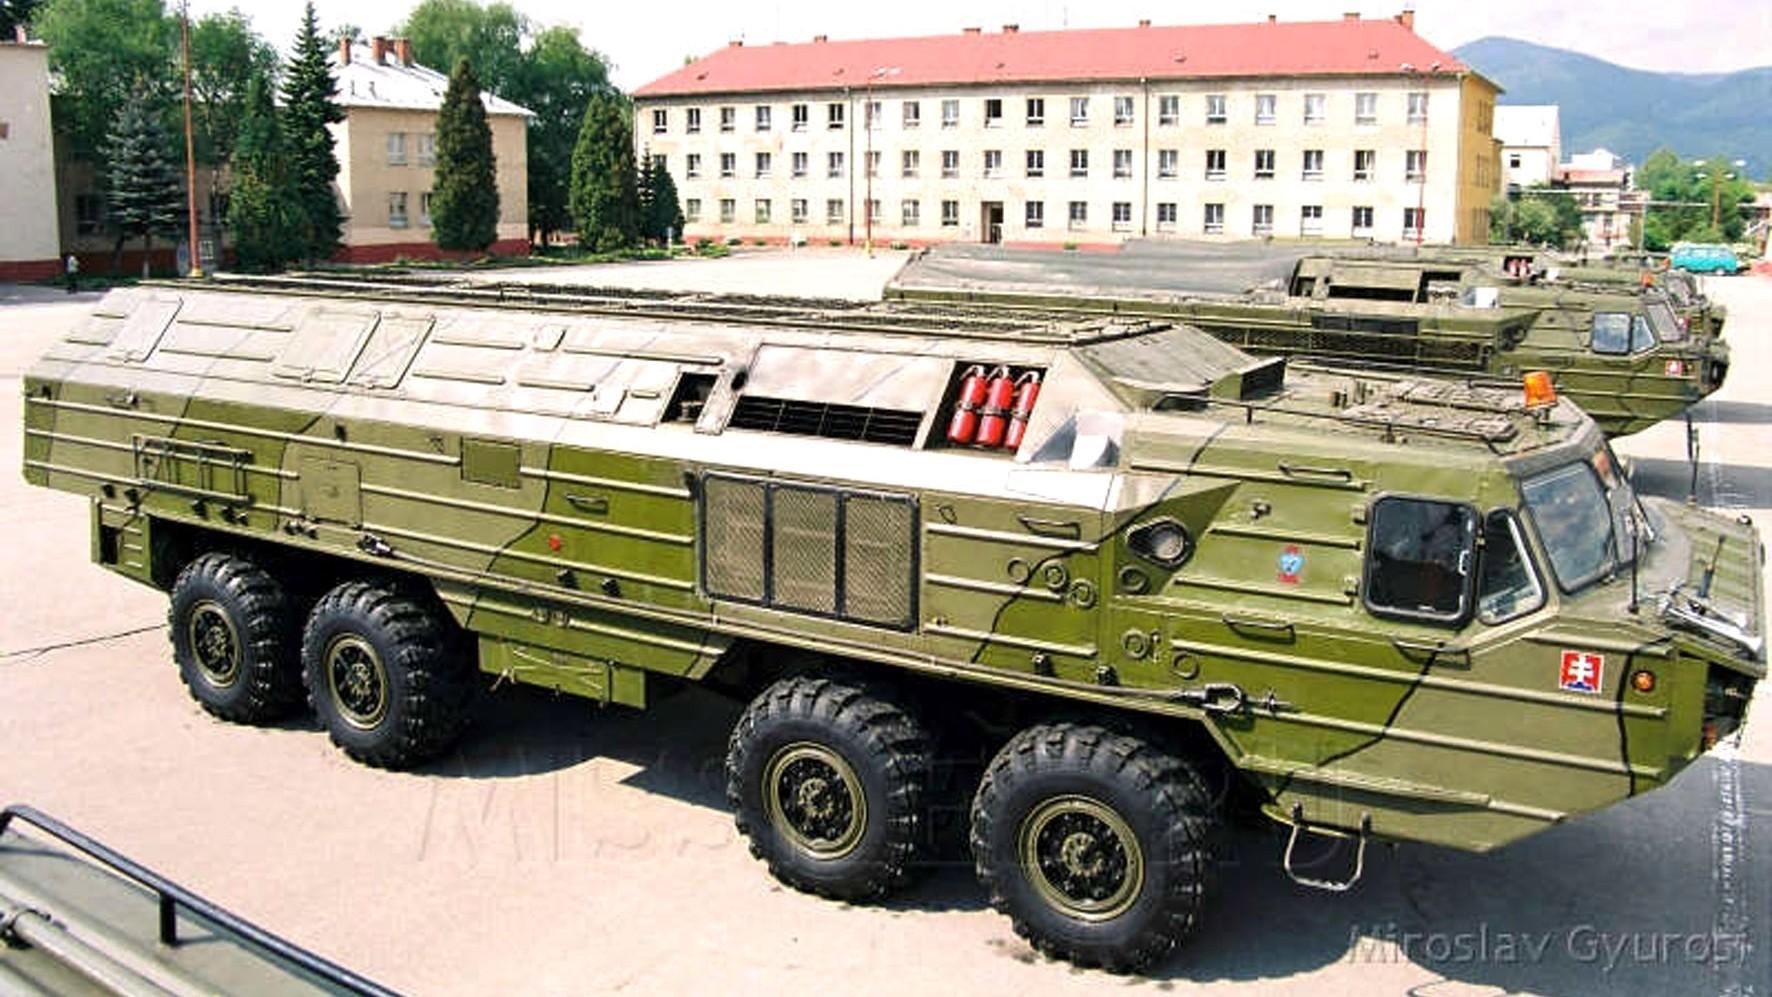 Боевые машины «Ока» 5-го ракетного полка вооруженных сил Словакии (фото M. Gyurosi)